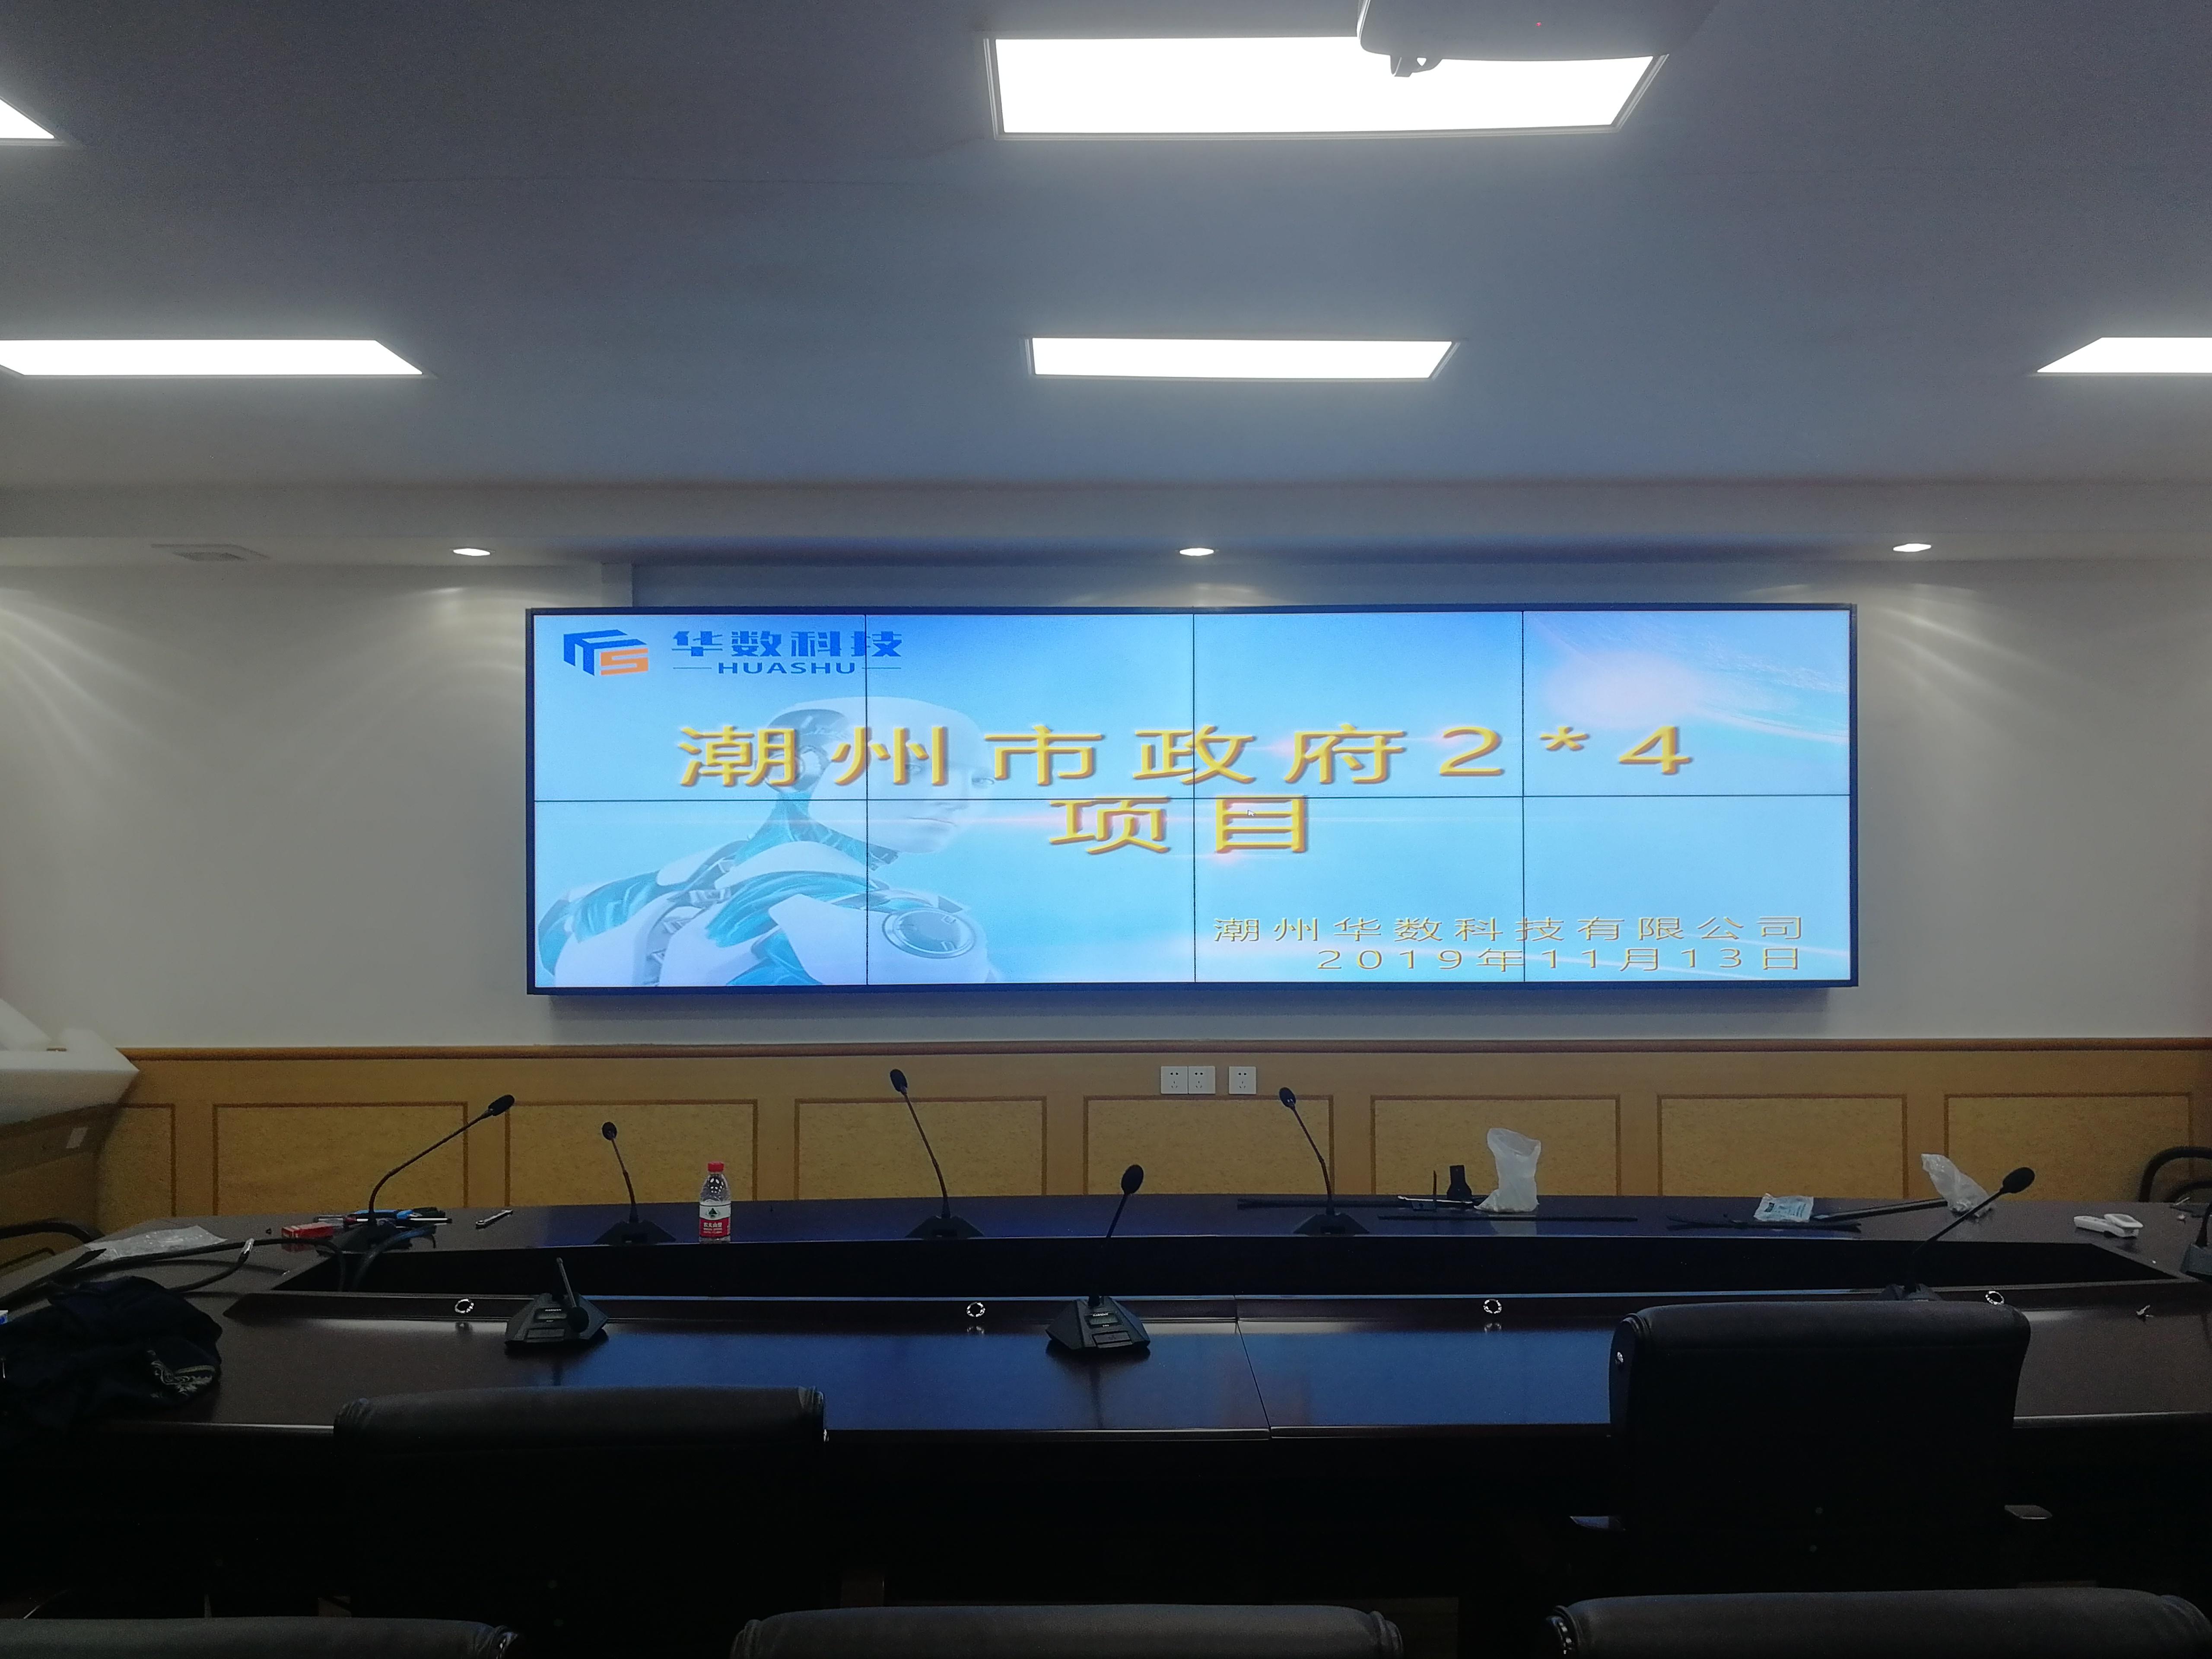 潮州市政府55寸2X4高清拼接幕墙